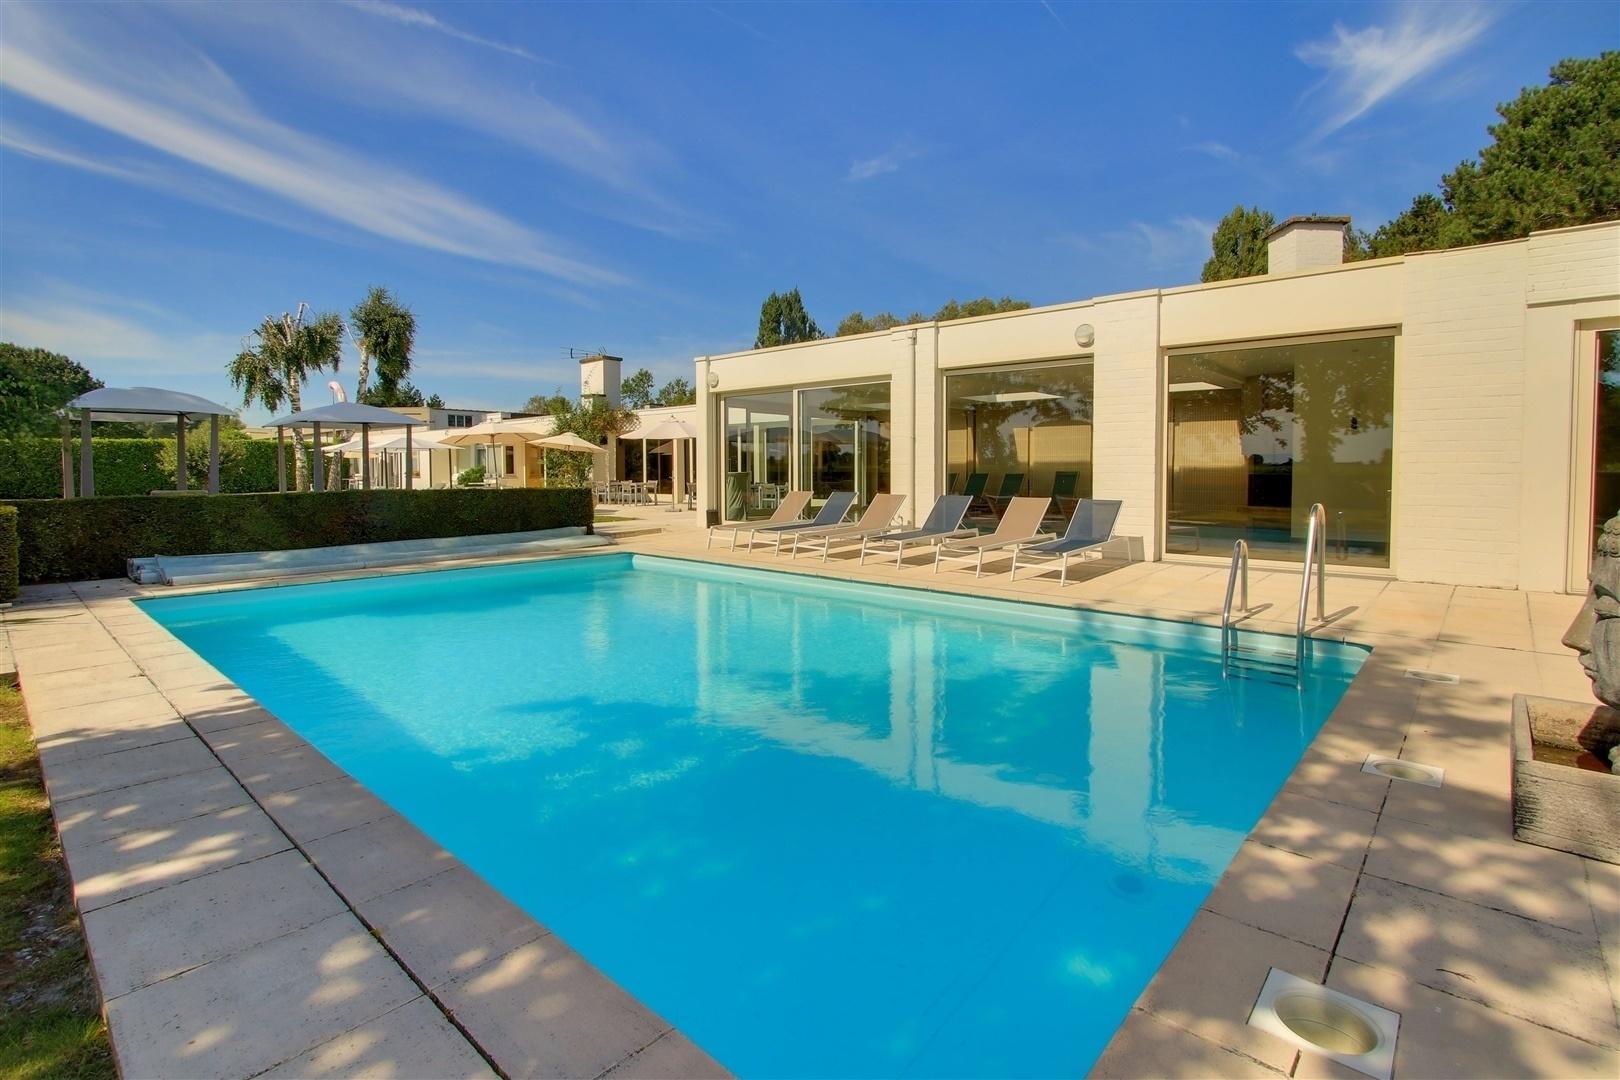 Landelijke wellnesscentrum/B&B met 2 zwembaden